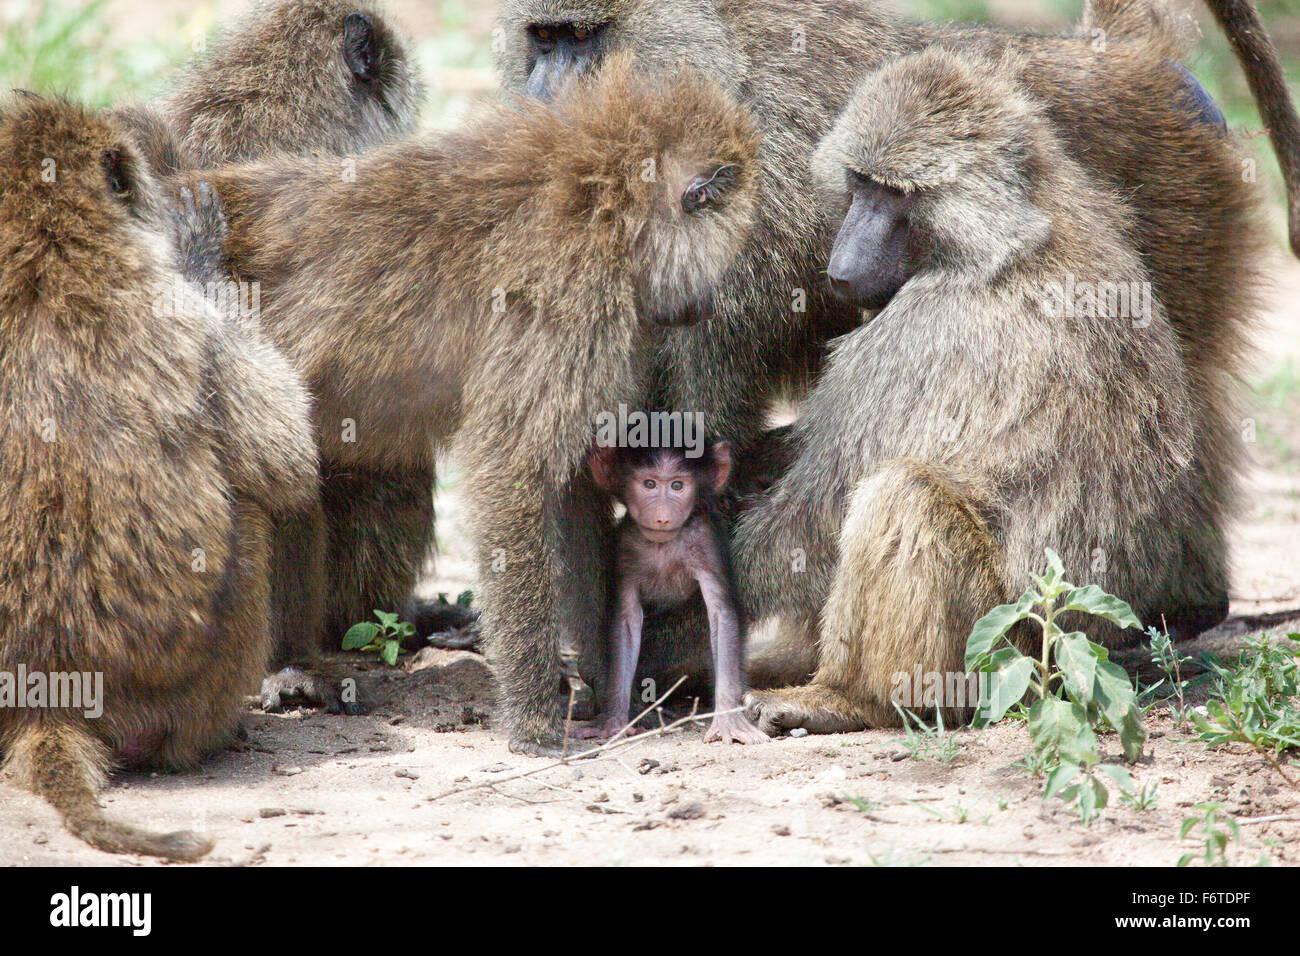 Group of Olive Baboons protecting a baby, Lake Manyara National Park, Tanzania. Stock Photo